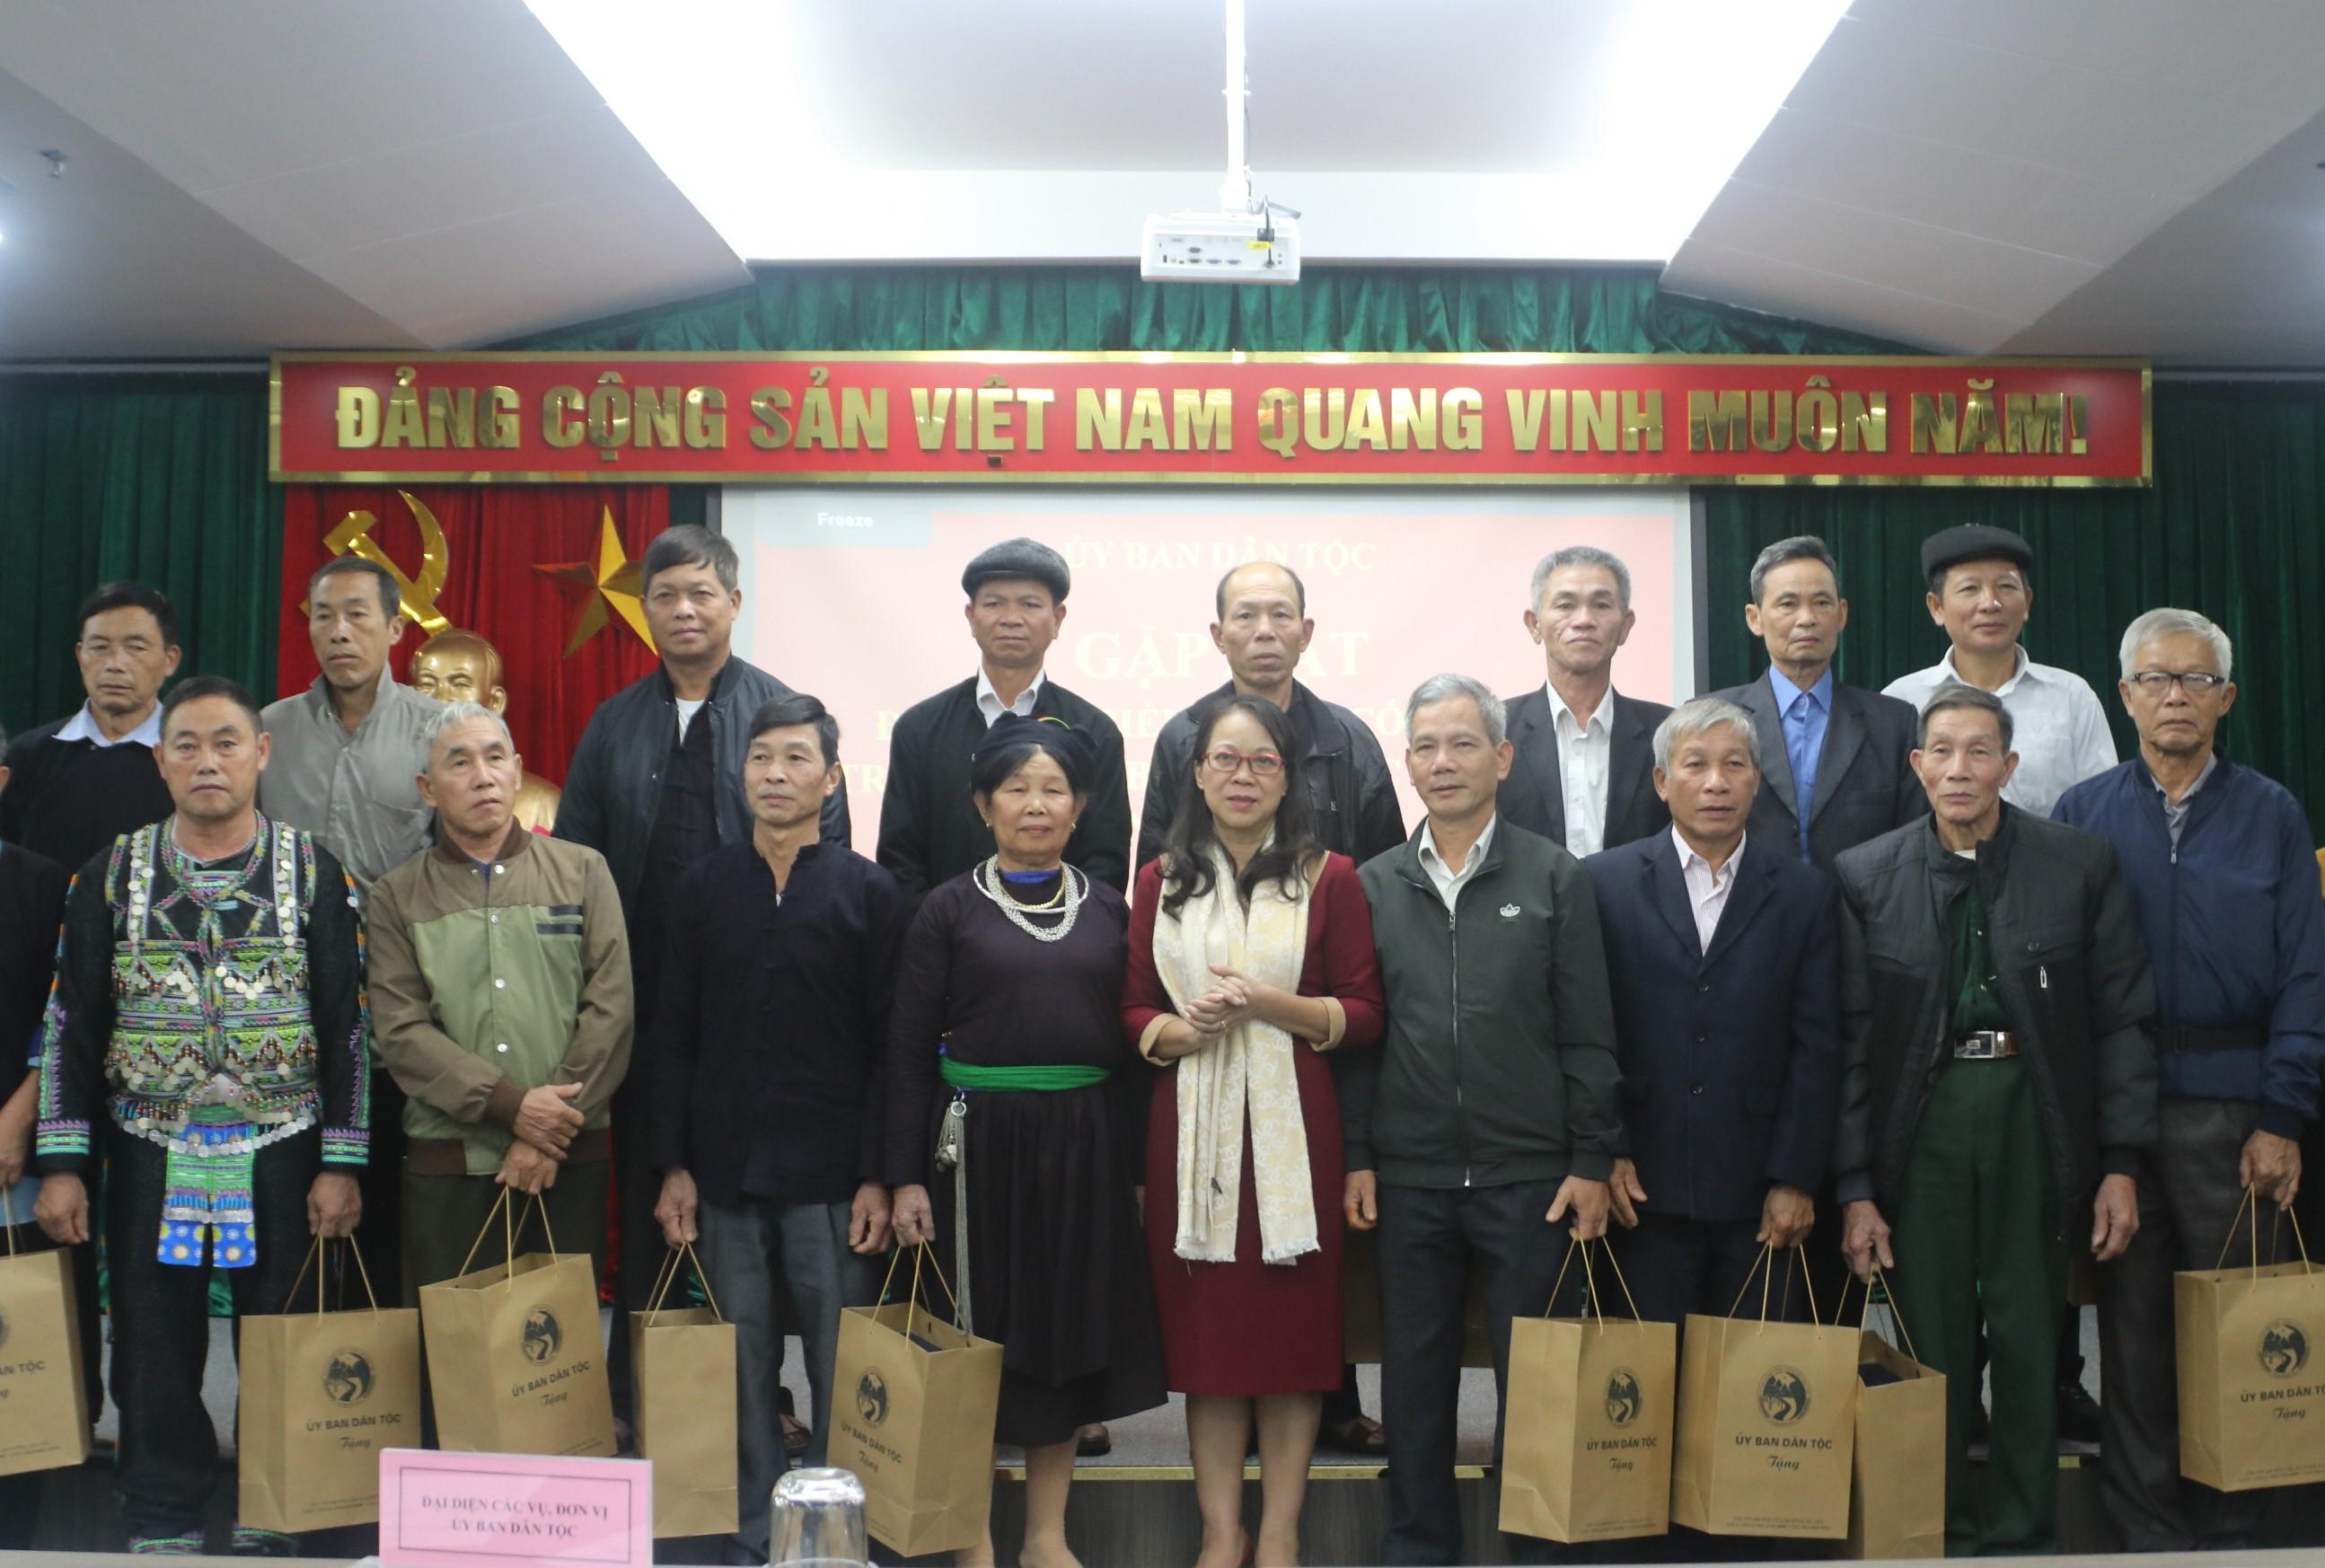 Thứ trưởng, Phó Chủ nhiệm UBDT Hoàng Thị Hạnh tặng quà cho các đại biểu Người có uy tín